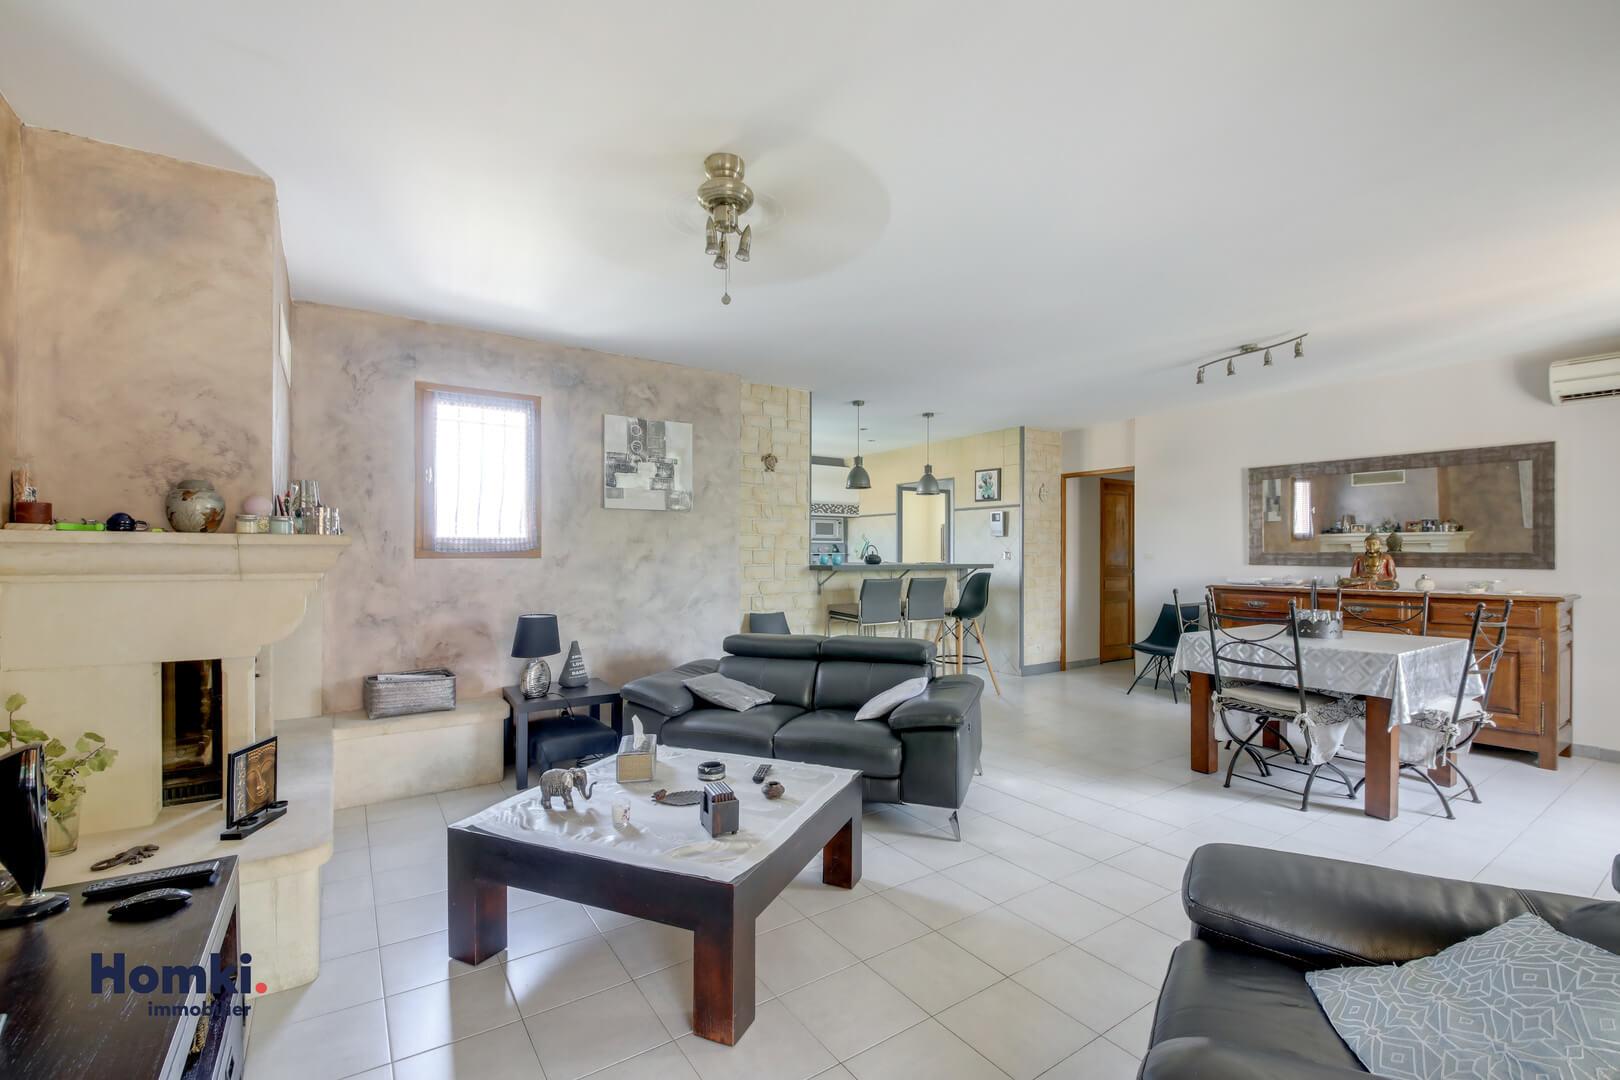 Vente maison villa Marseille Olives 13014 T6_2